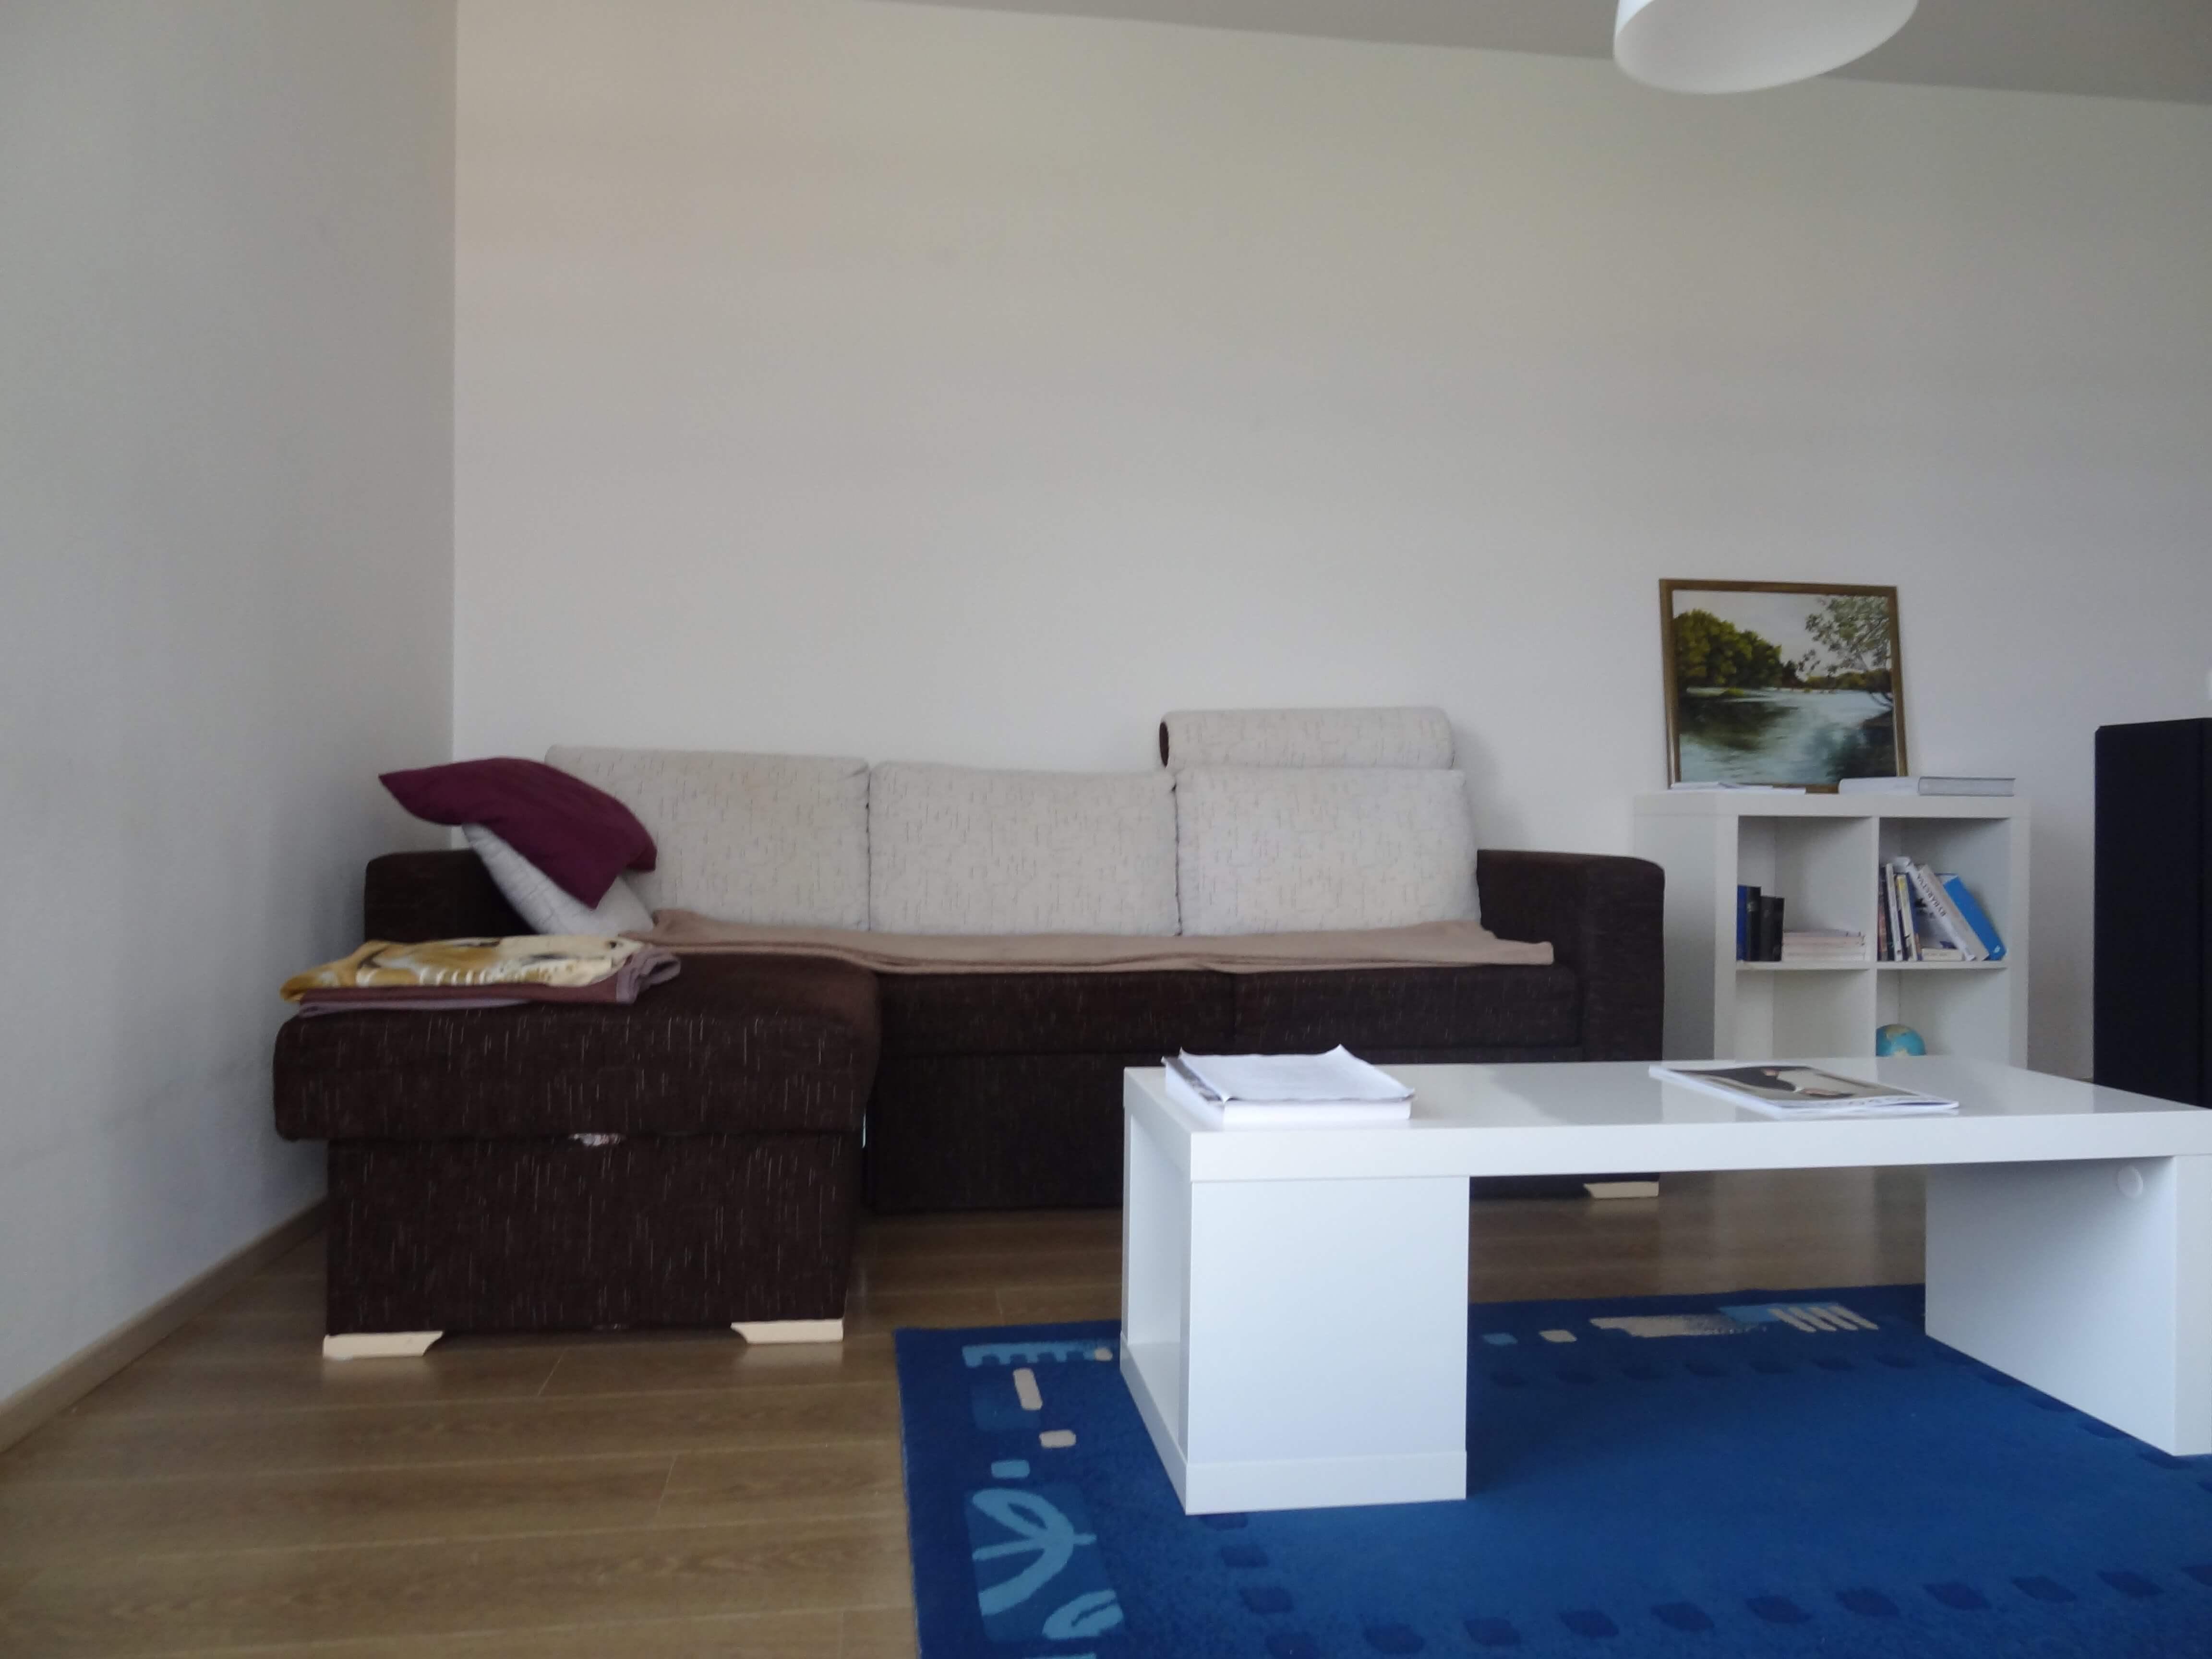 Rezervovaný: Exkluzívne na predaj 3 Izbový byt v novostavbe, 87,2m2, loggia 7,4m2, Družstevná, Hamuliakovo-4